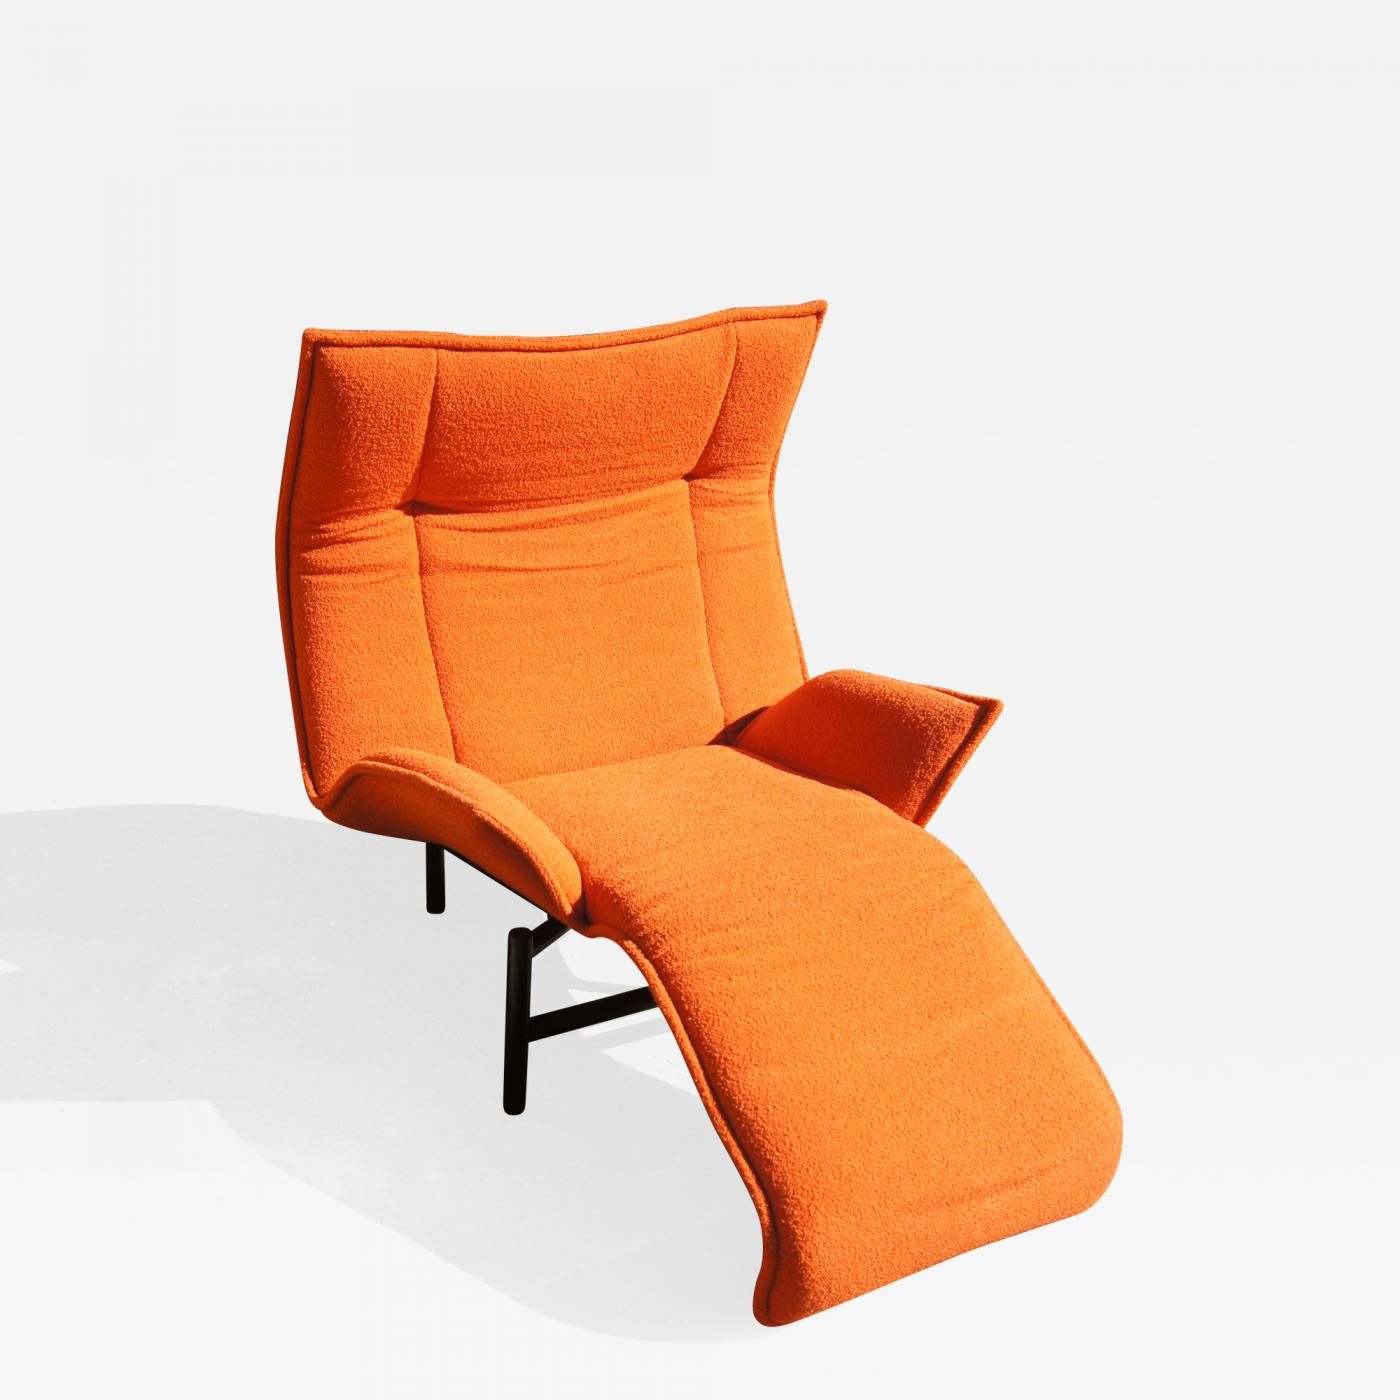 Vico Magistretti Veranda Lounge Chair By Vico